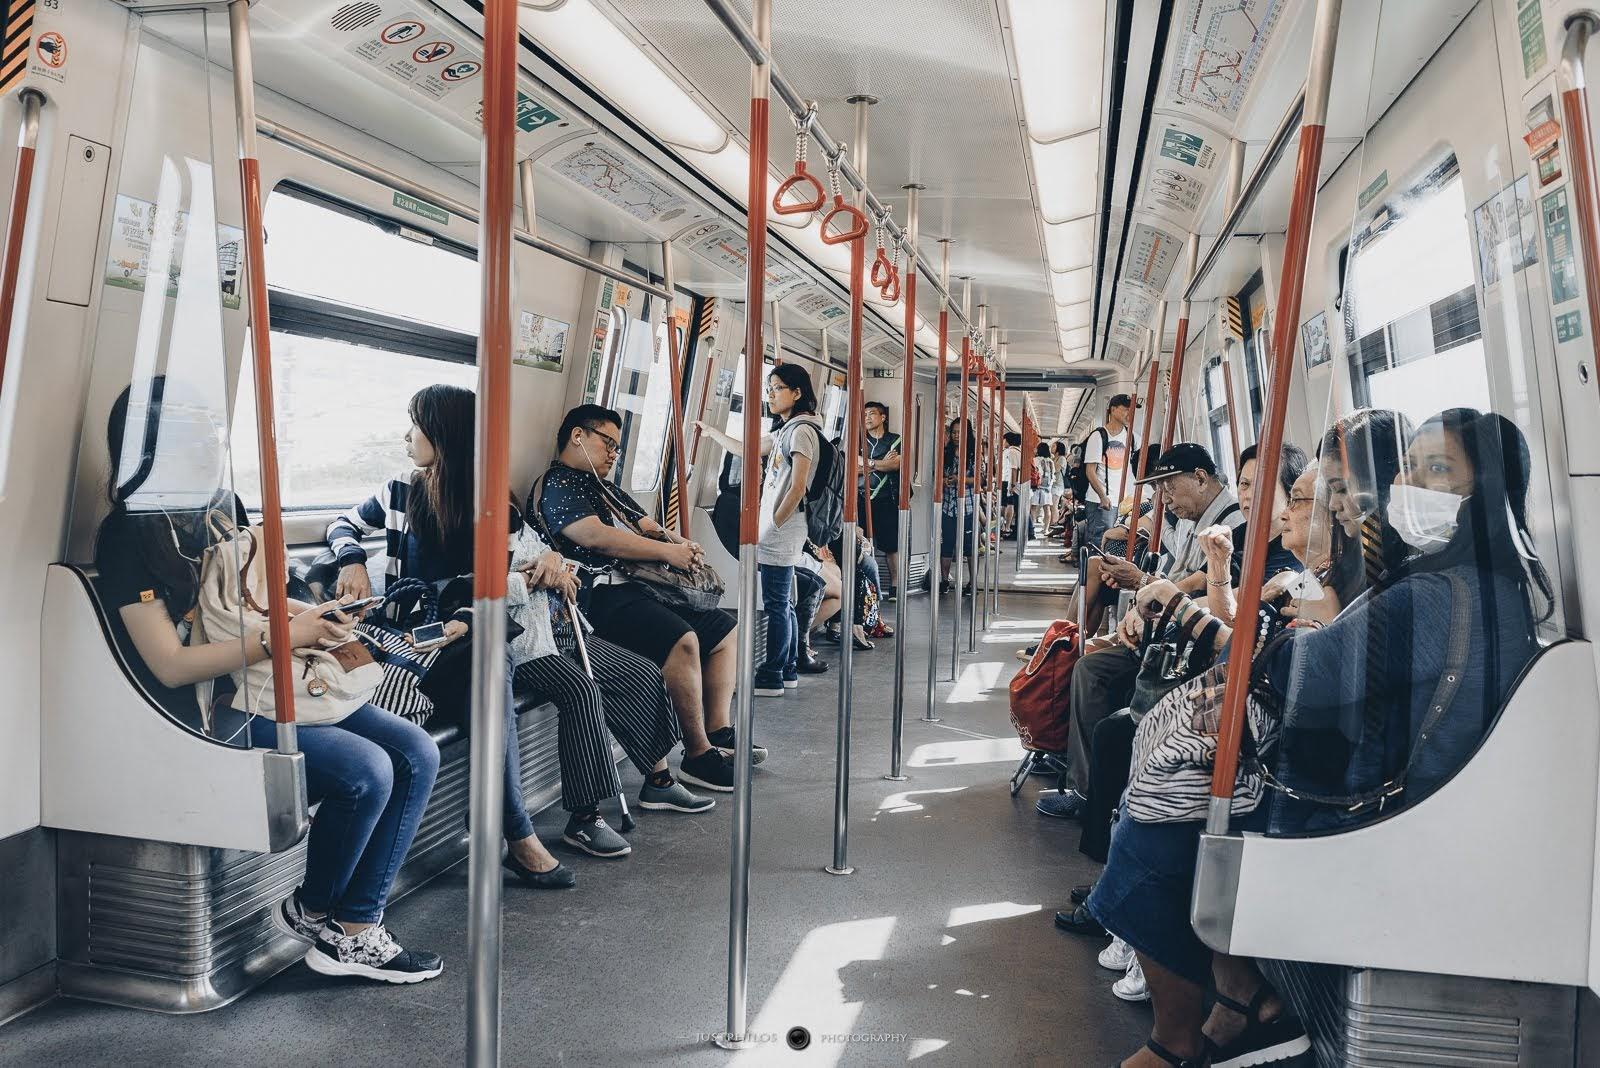 一早從香港出發,搭乘港鐵東涌線是前往東涌最快和直接的方式。